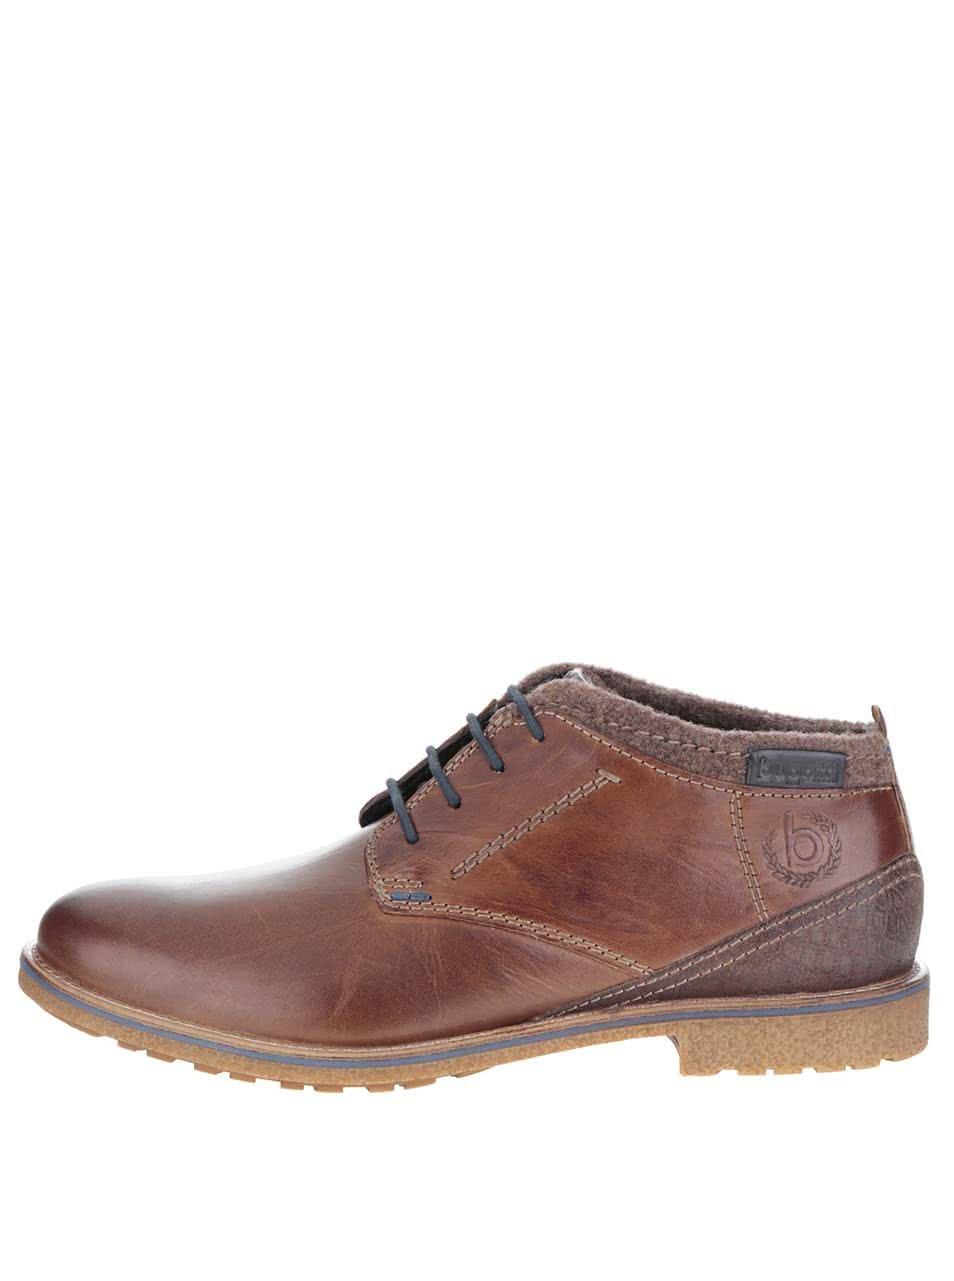 Hnedé pánske kožené členkové topánky bugatti Muno ... 14cfba41516